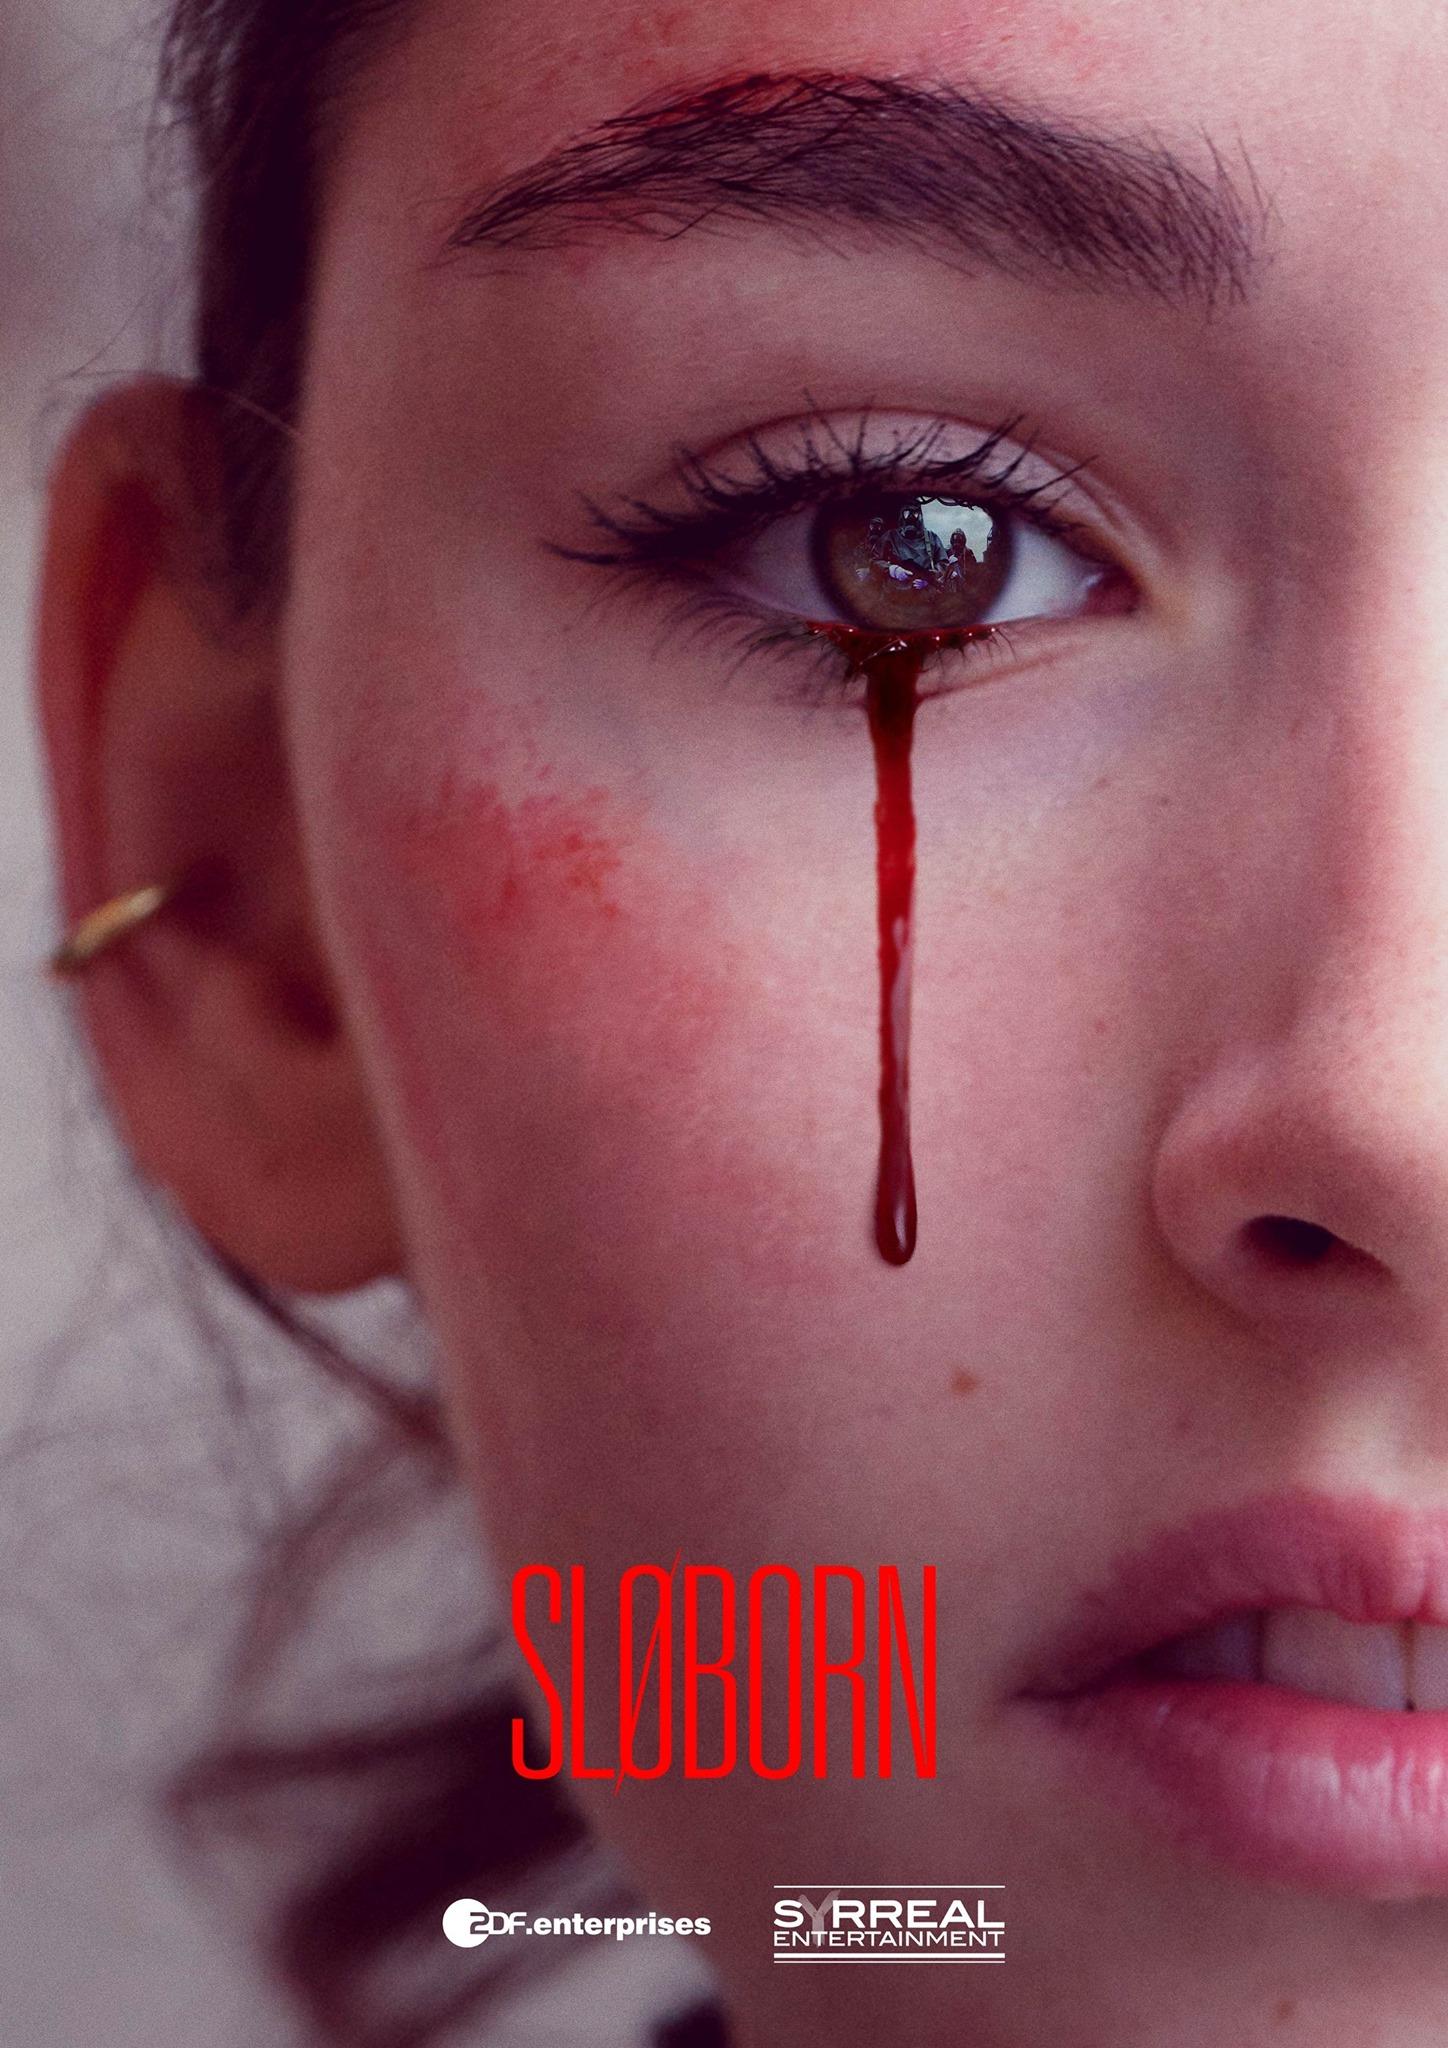 Sloborn 1. Sezon Tüm Bölümleri Türkçe Dublaj indir | 1080p